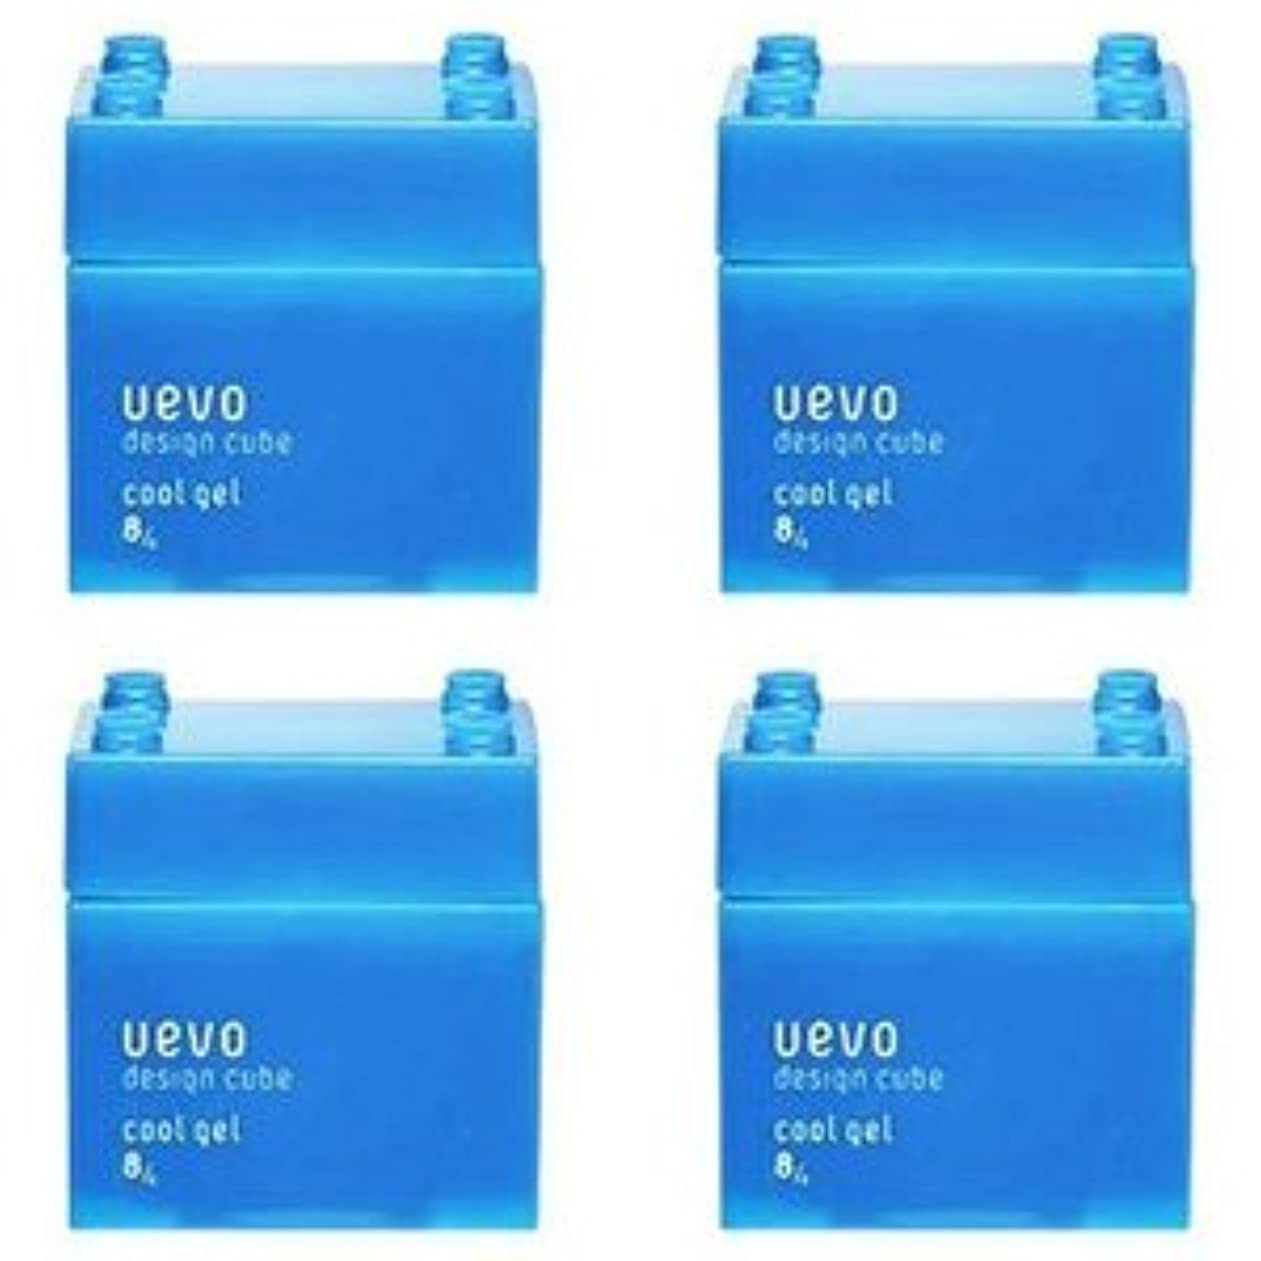 オン代理人解凍する、雪解け、霜解け【X4個セット】 デミ ウェーボ デザインキューブ クールジェル 80g cool gel DEMI uevo design cube